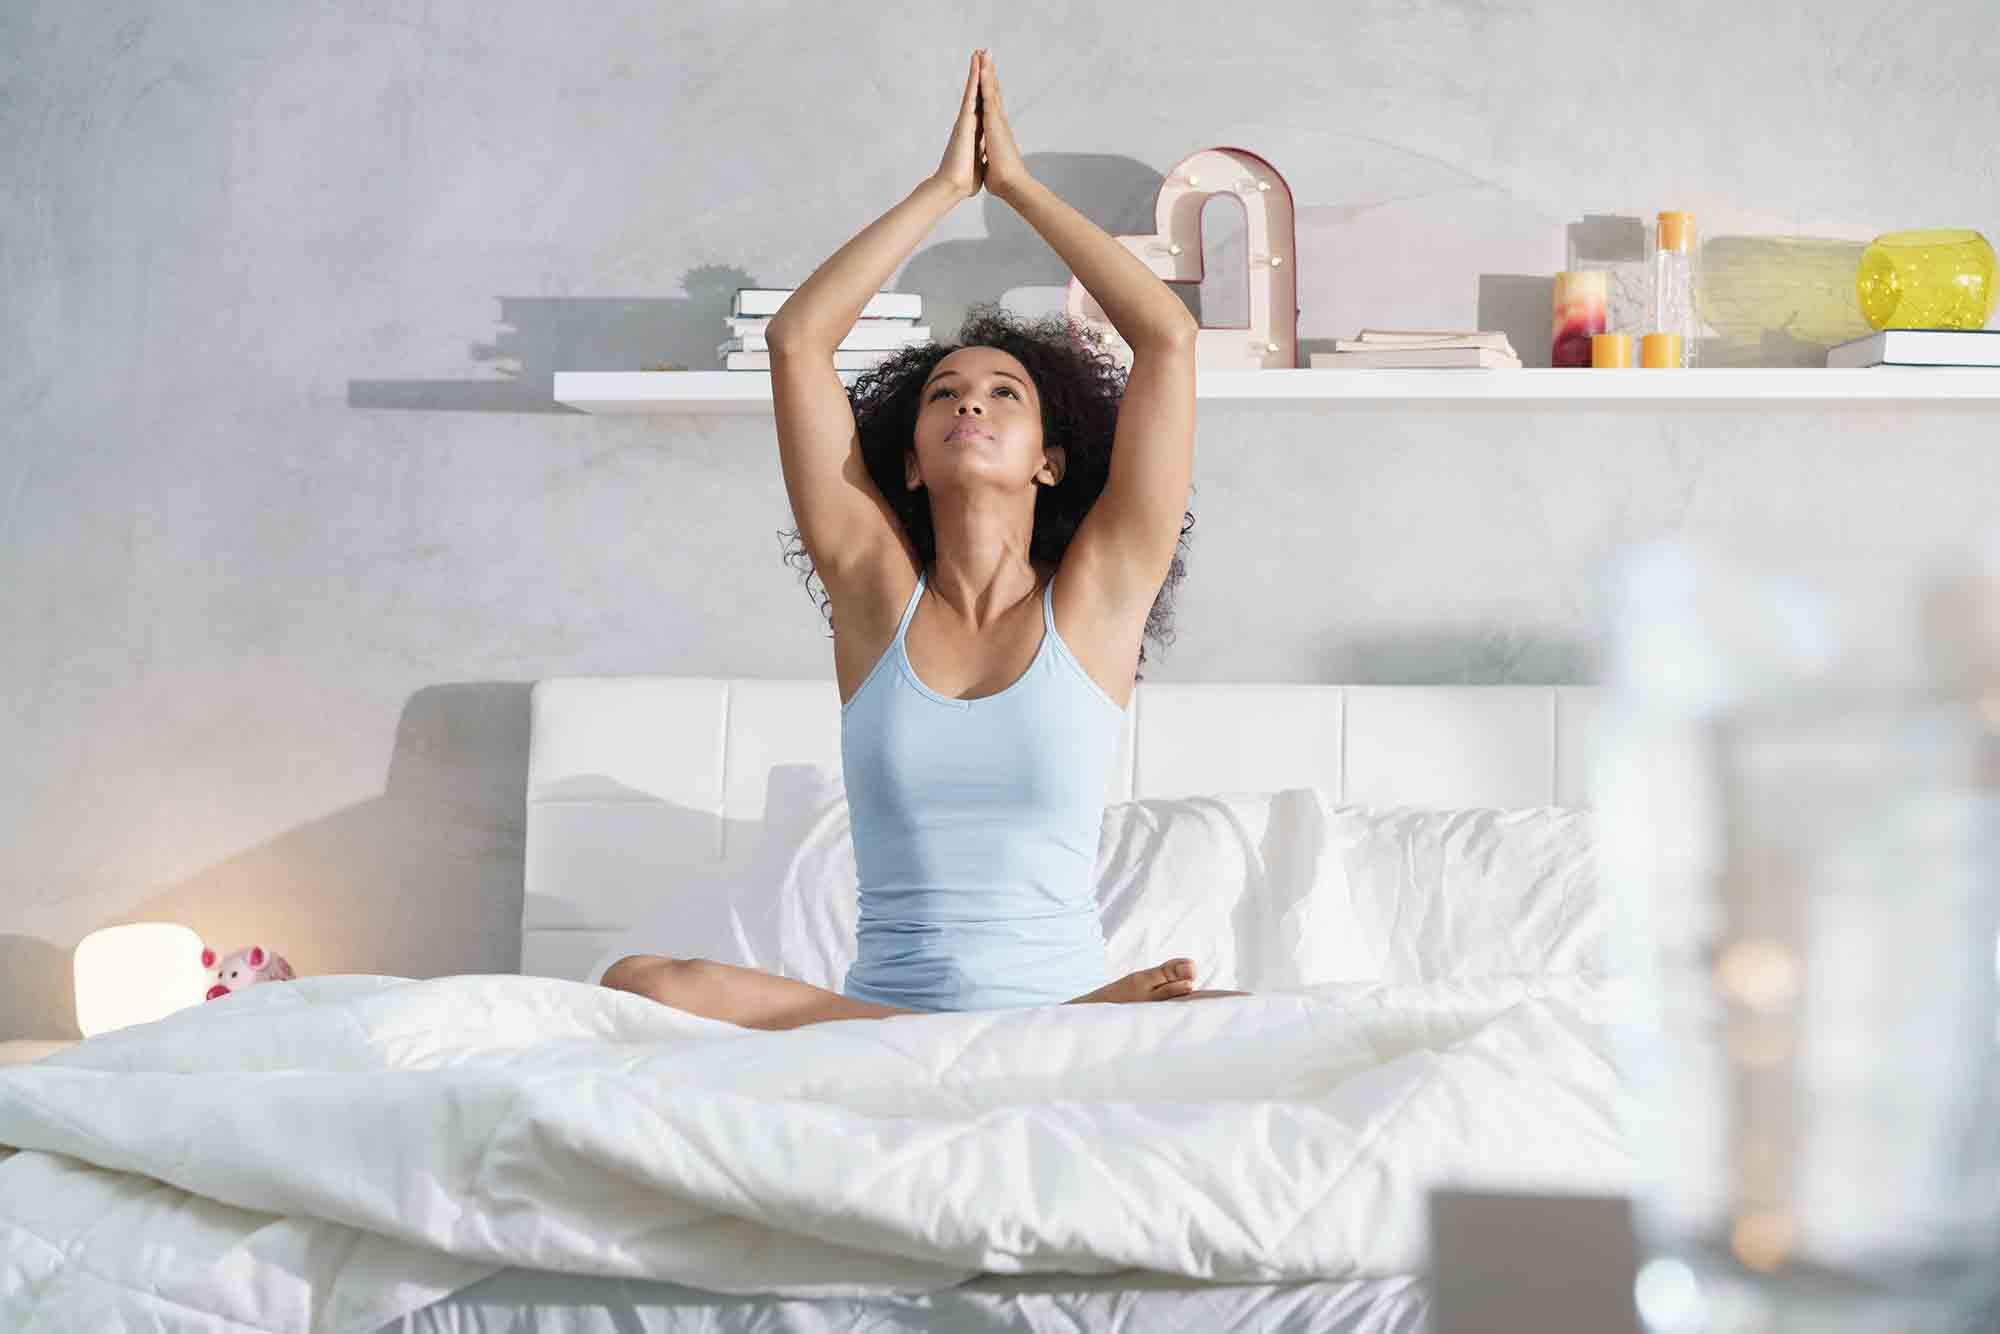 sonoterapia energia para execucao atividades diarias